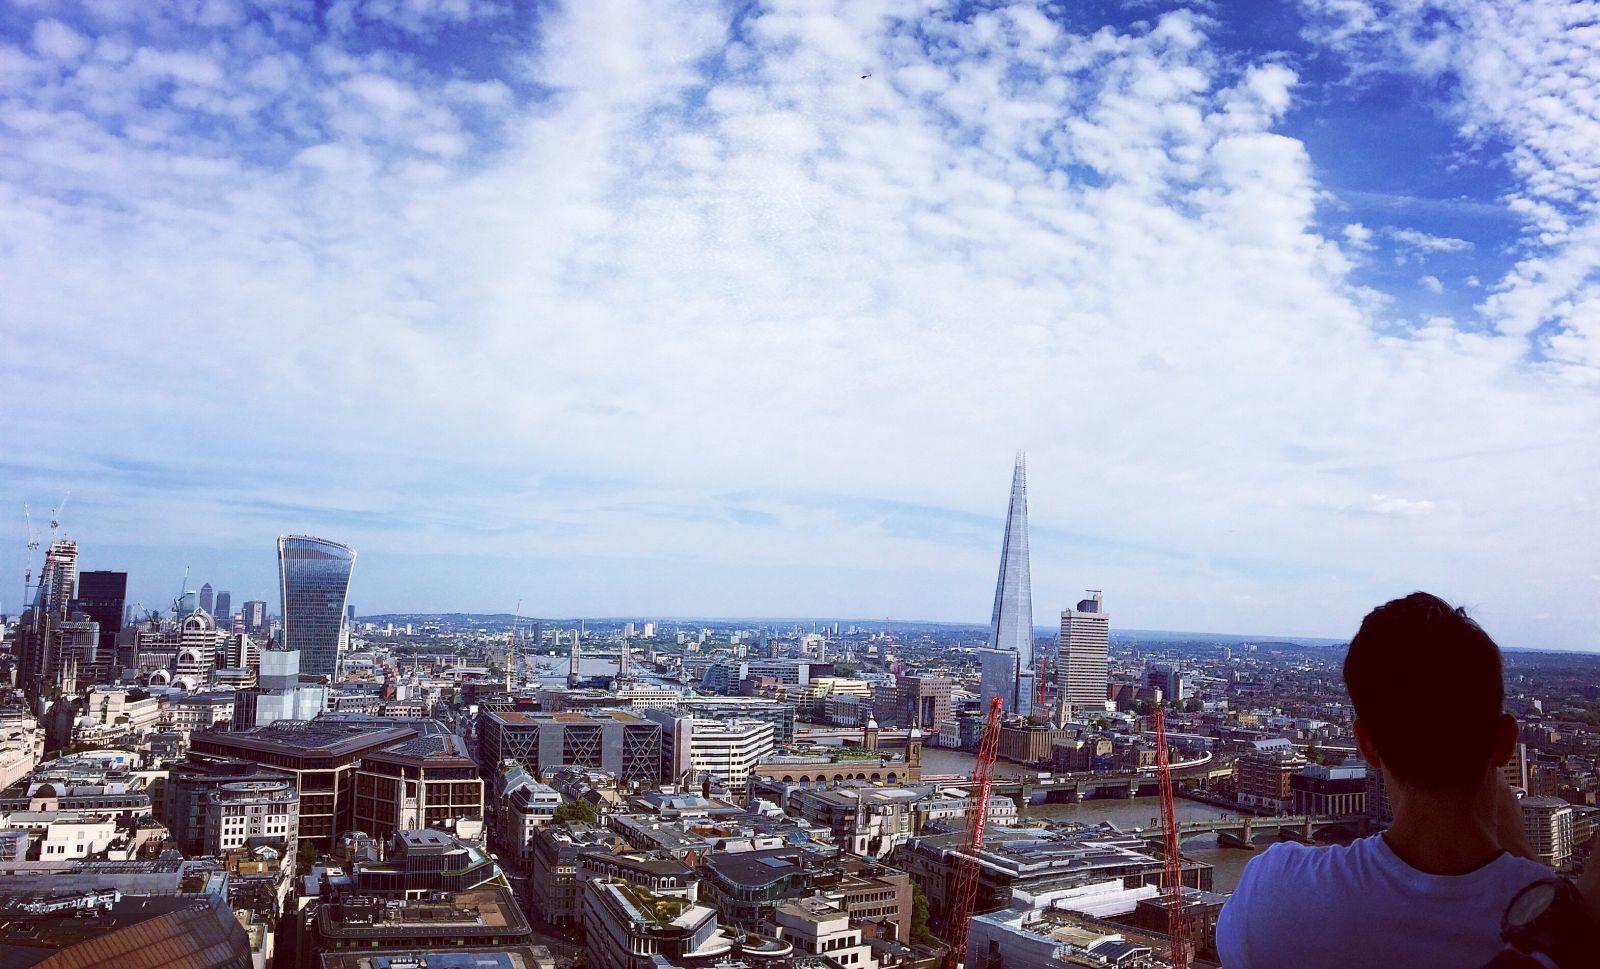 southwark-view-london